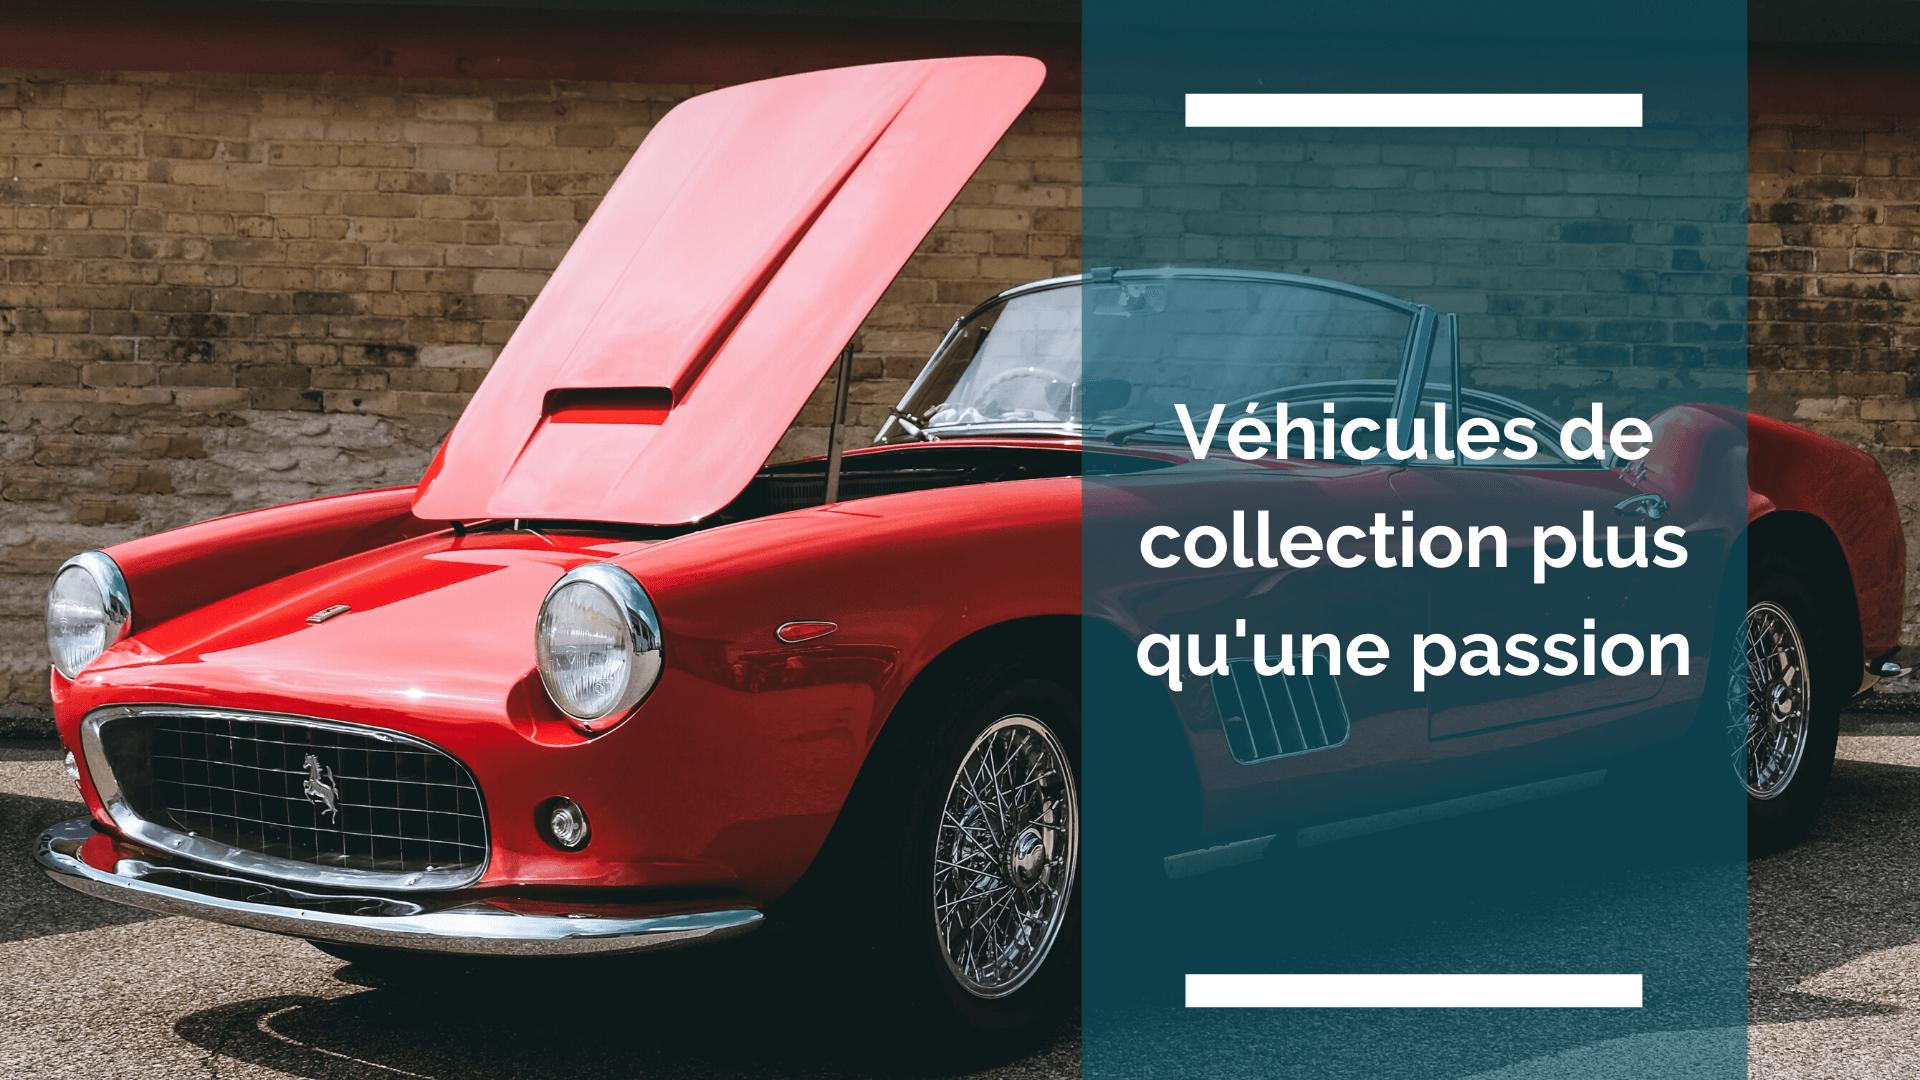 photo d'une voiture de collection de marque Ferrari rouge